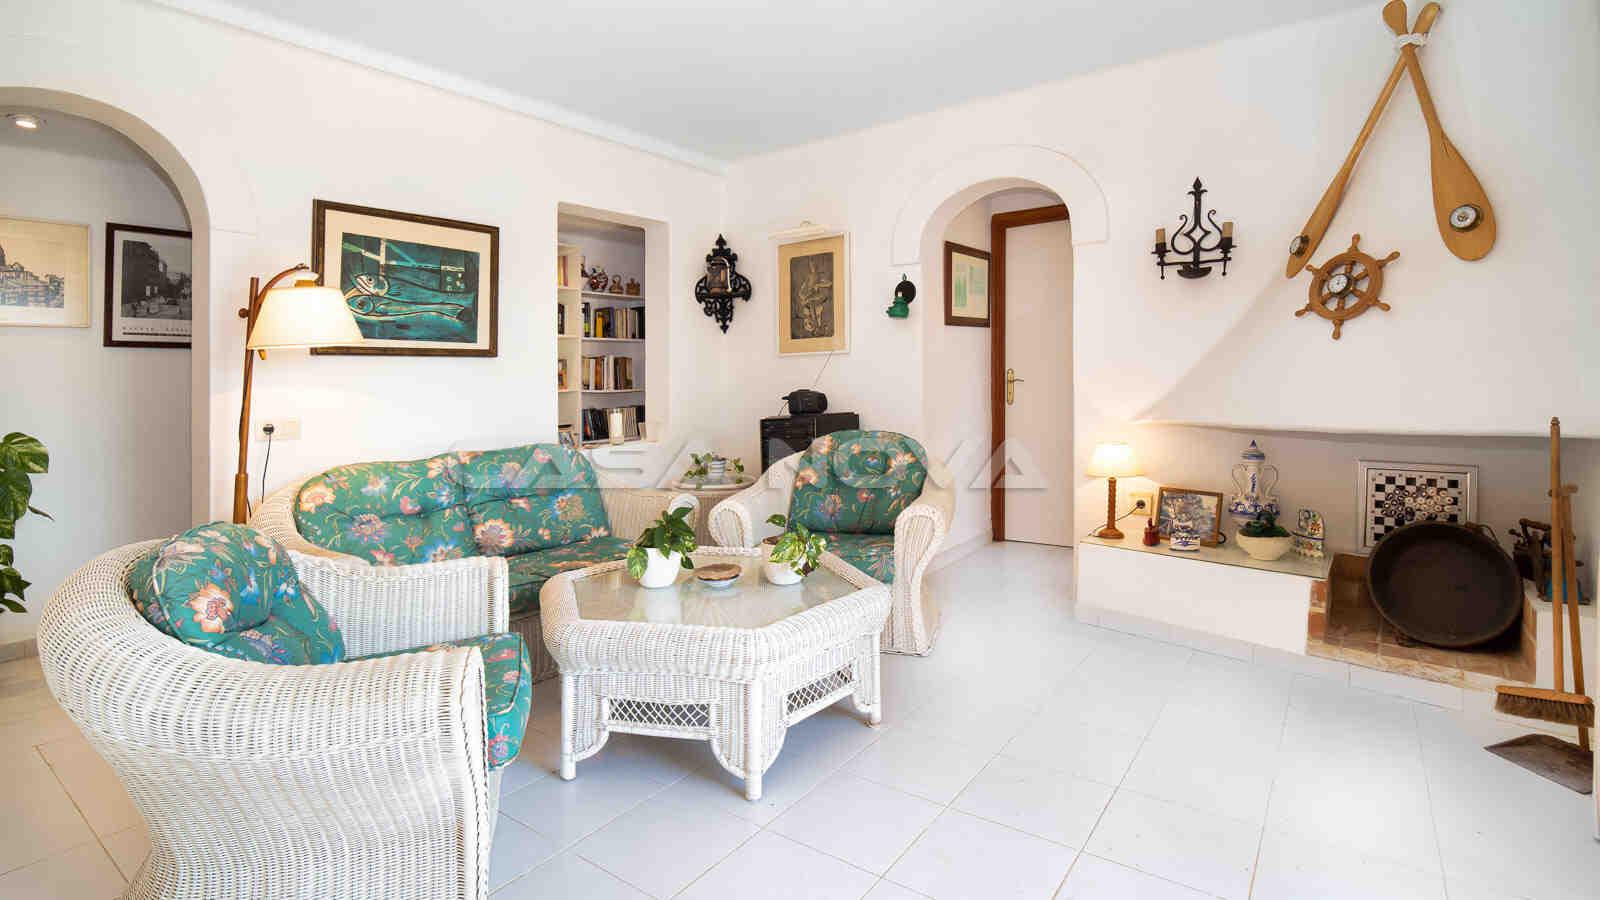 Großzügiges Wohnzimmer mit offenem Kamin